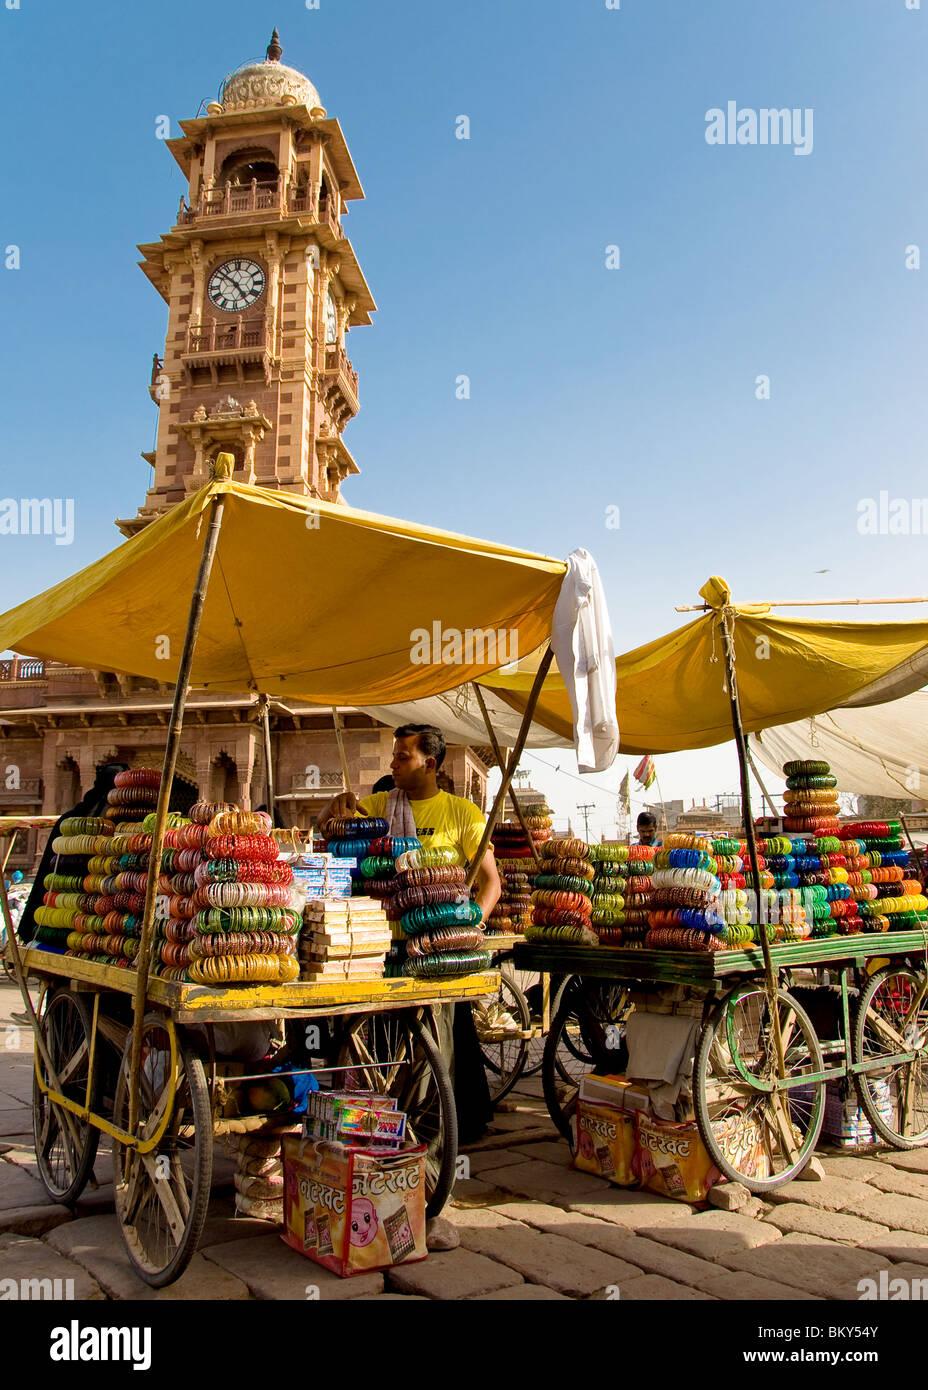 Le bancarelle del mercato e la Torre dell Orologio, Jodhpur, Rajasthan, India Immagini Stock